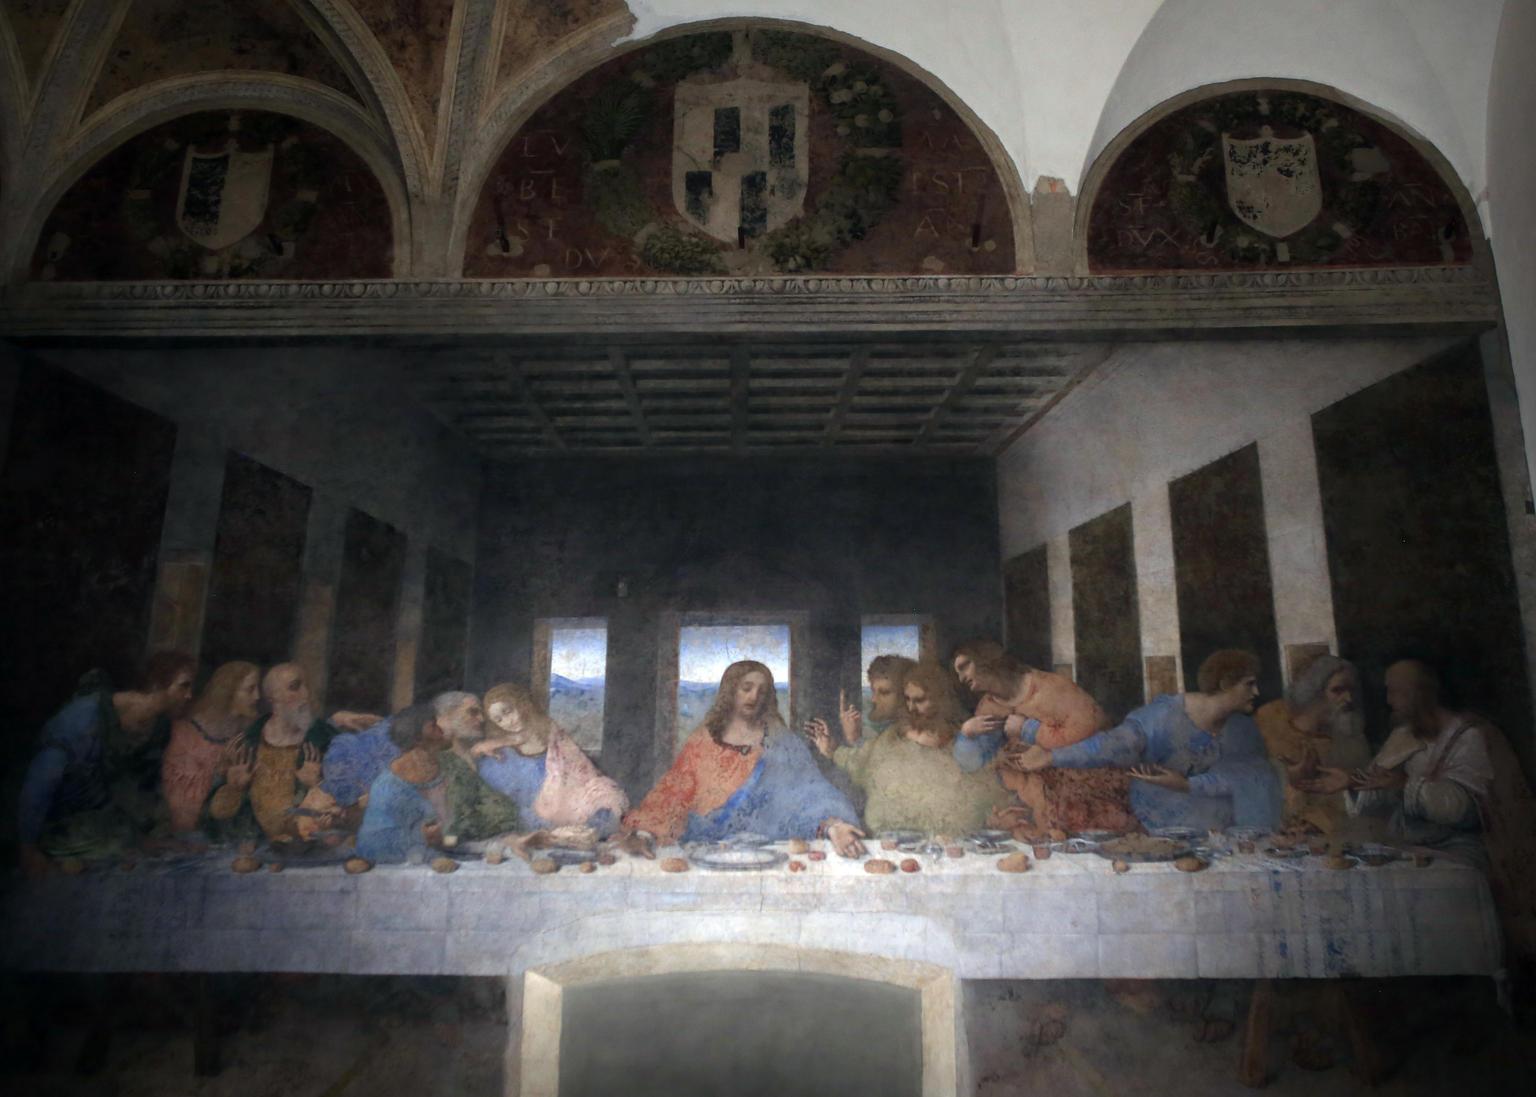 MÁS FOTOS, Lo mejor de Milán con La última cena de Leonardo Da Vinci o viñedo y Duomo de Milán